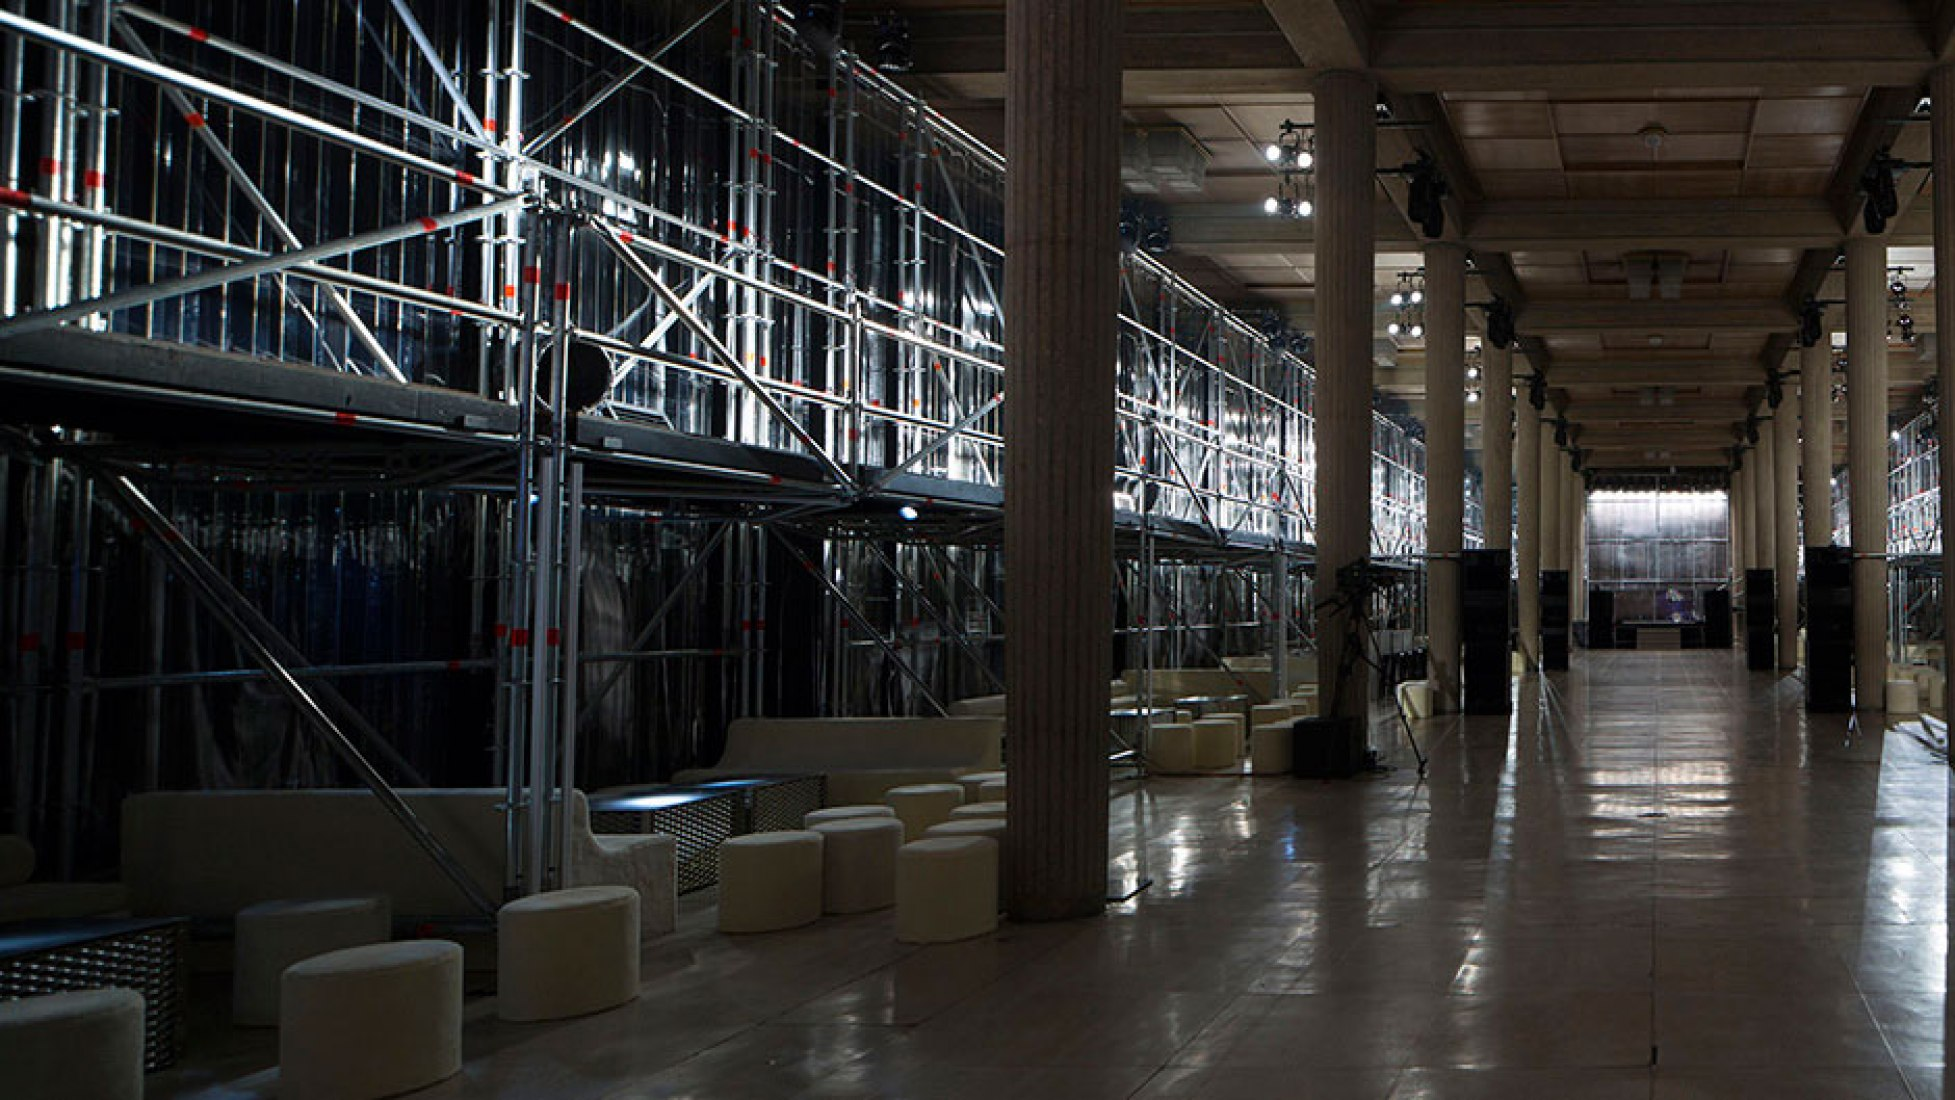 Vista interior. MIU MIU club por Prada y AMO. Fotografía © Agostino Osio y Alberto Moncada. Cortesía de OMA.